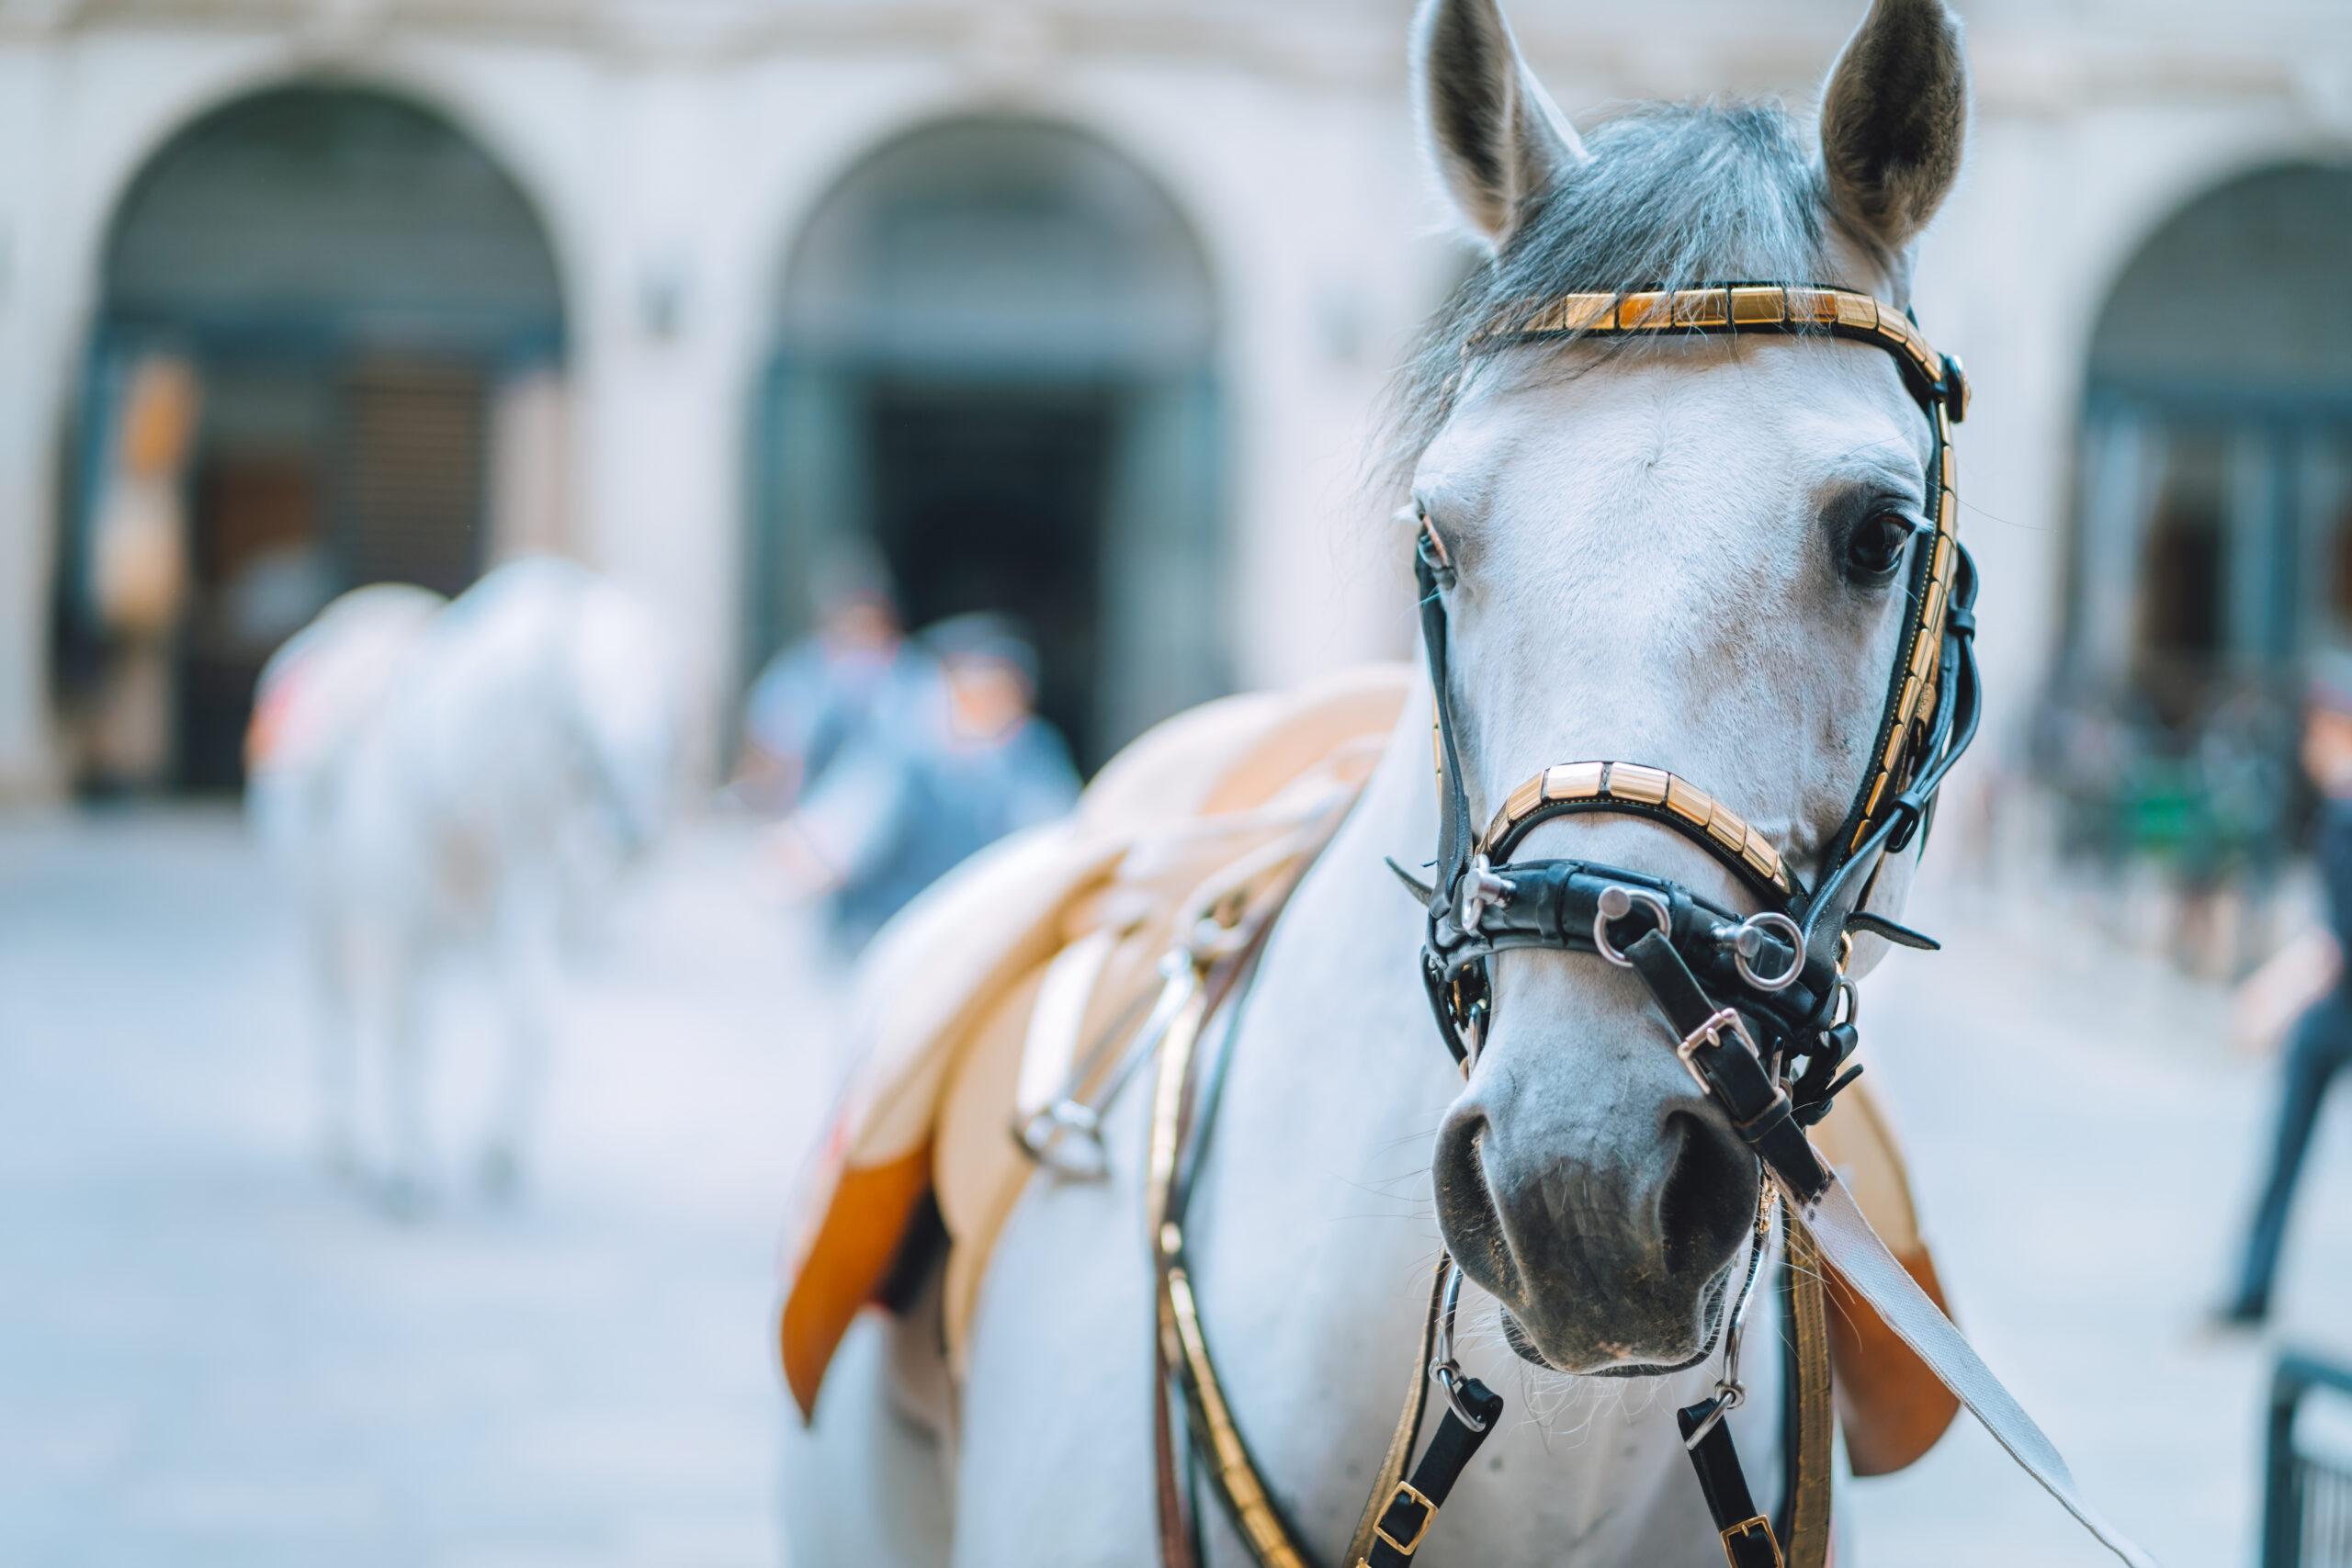 Hest#1